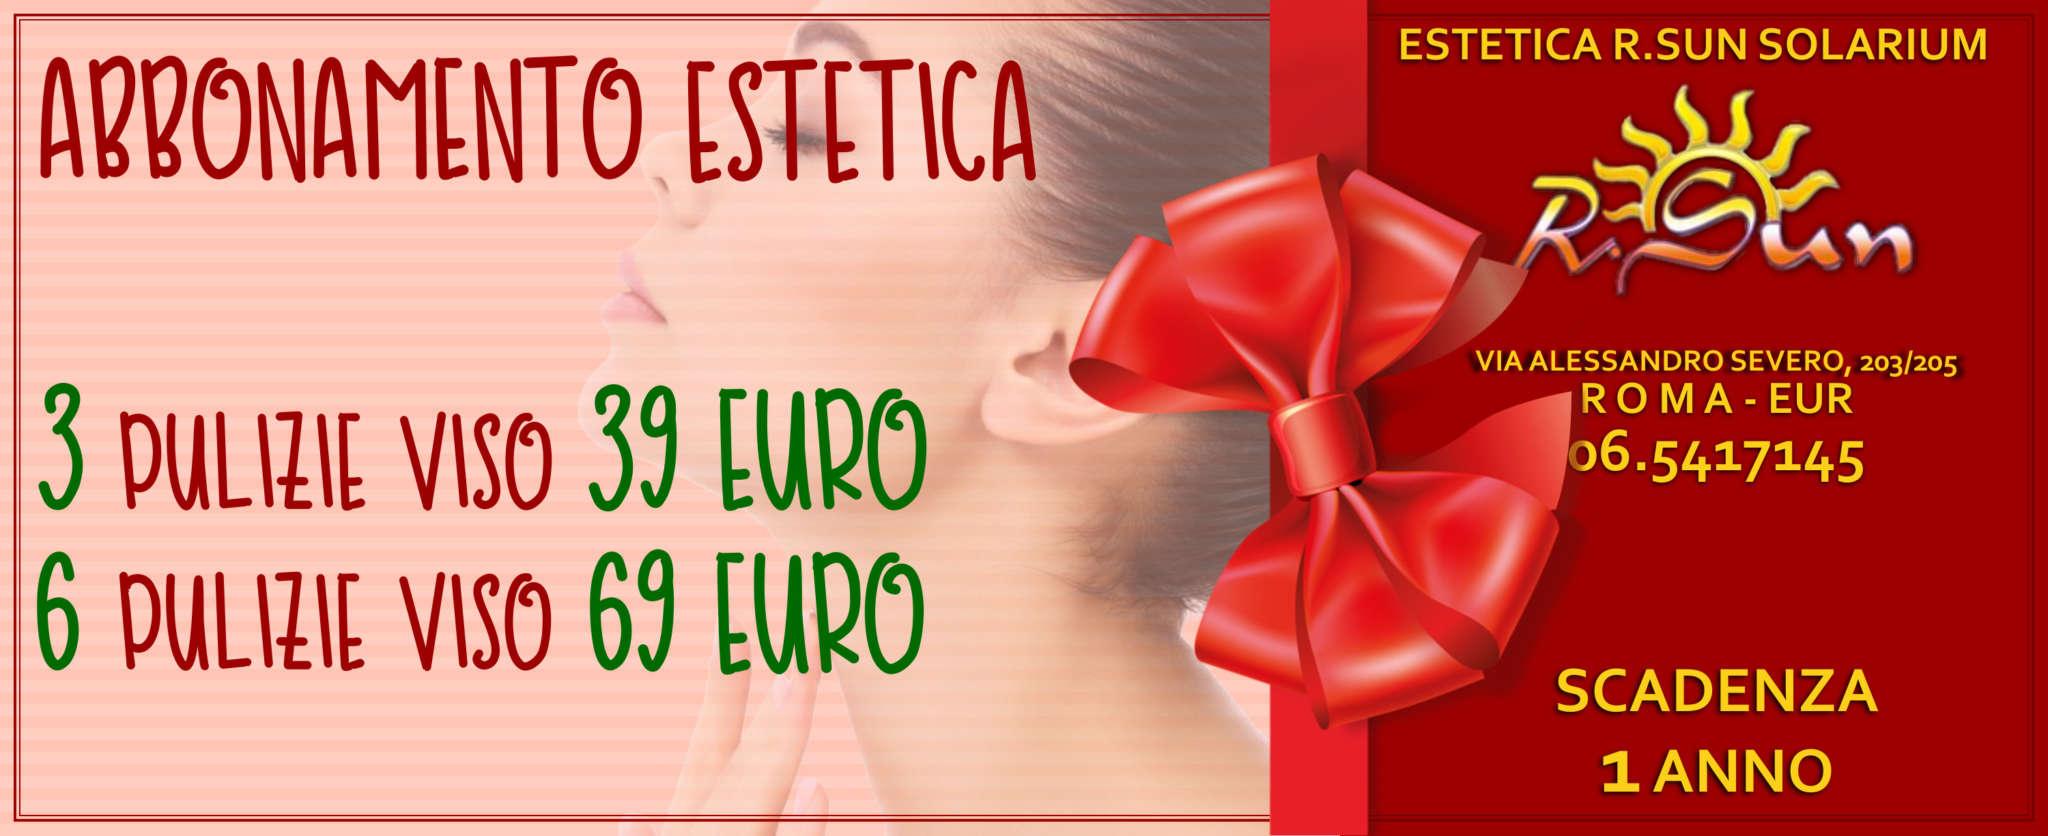 Estetica-R.Sun-Roma-Eur-abbonamento-trattamenti-estetica-natale-2018